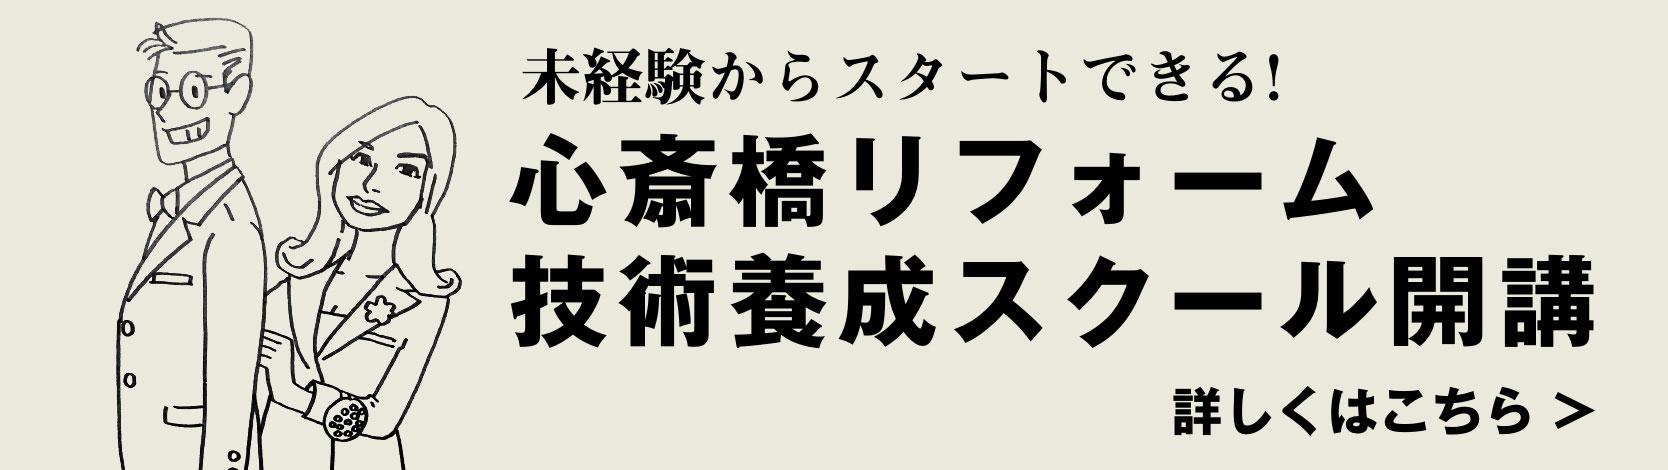 心斎橋リフォーム技術養成スクール開校